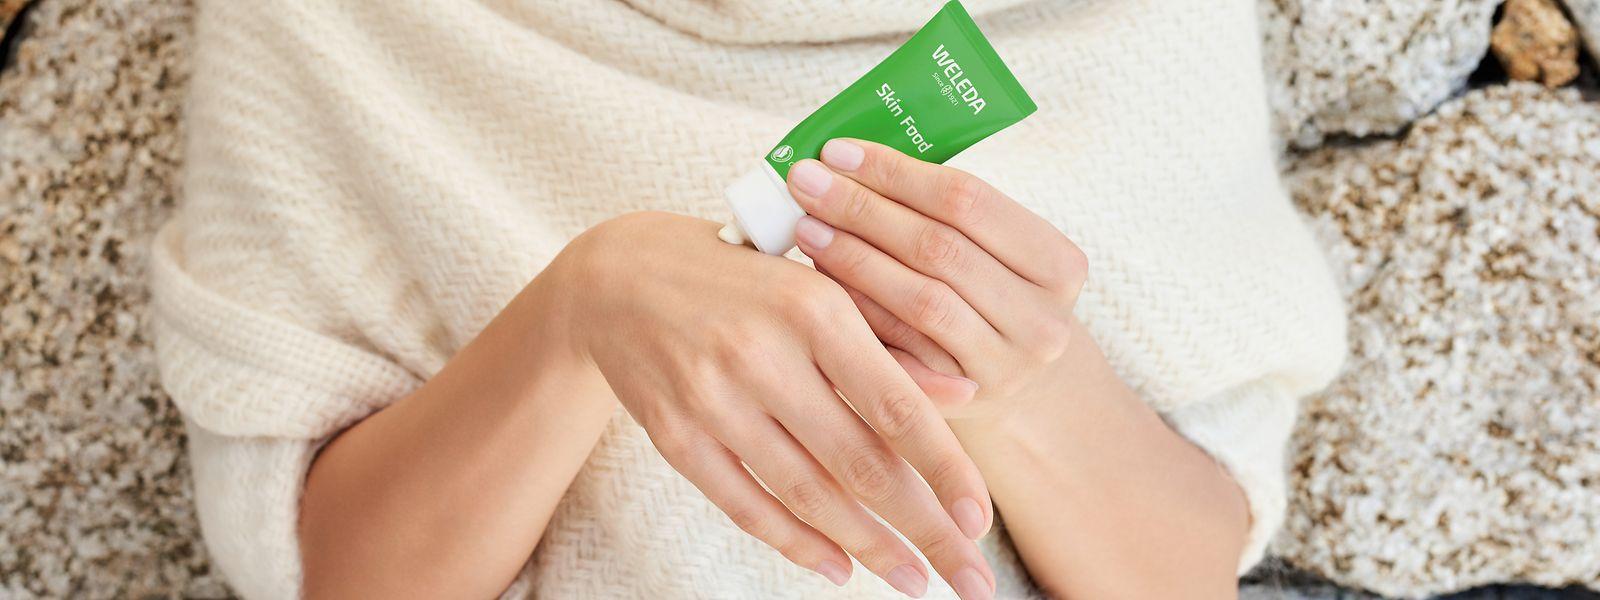 """Die Hände wollen gepflegt werden - etwa mit der """"Skin Food""""-Creme von Weleda (30 ml um 6 Euro)"""